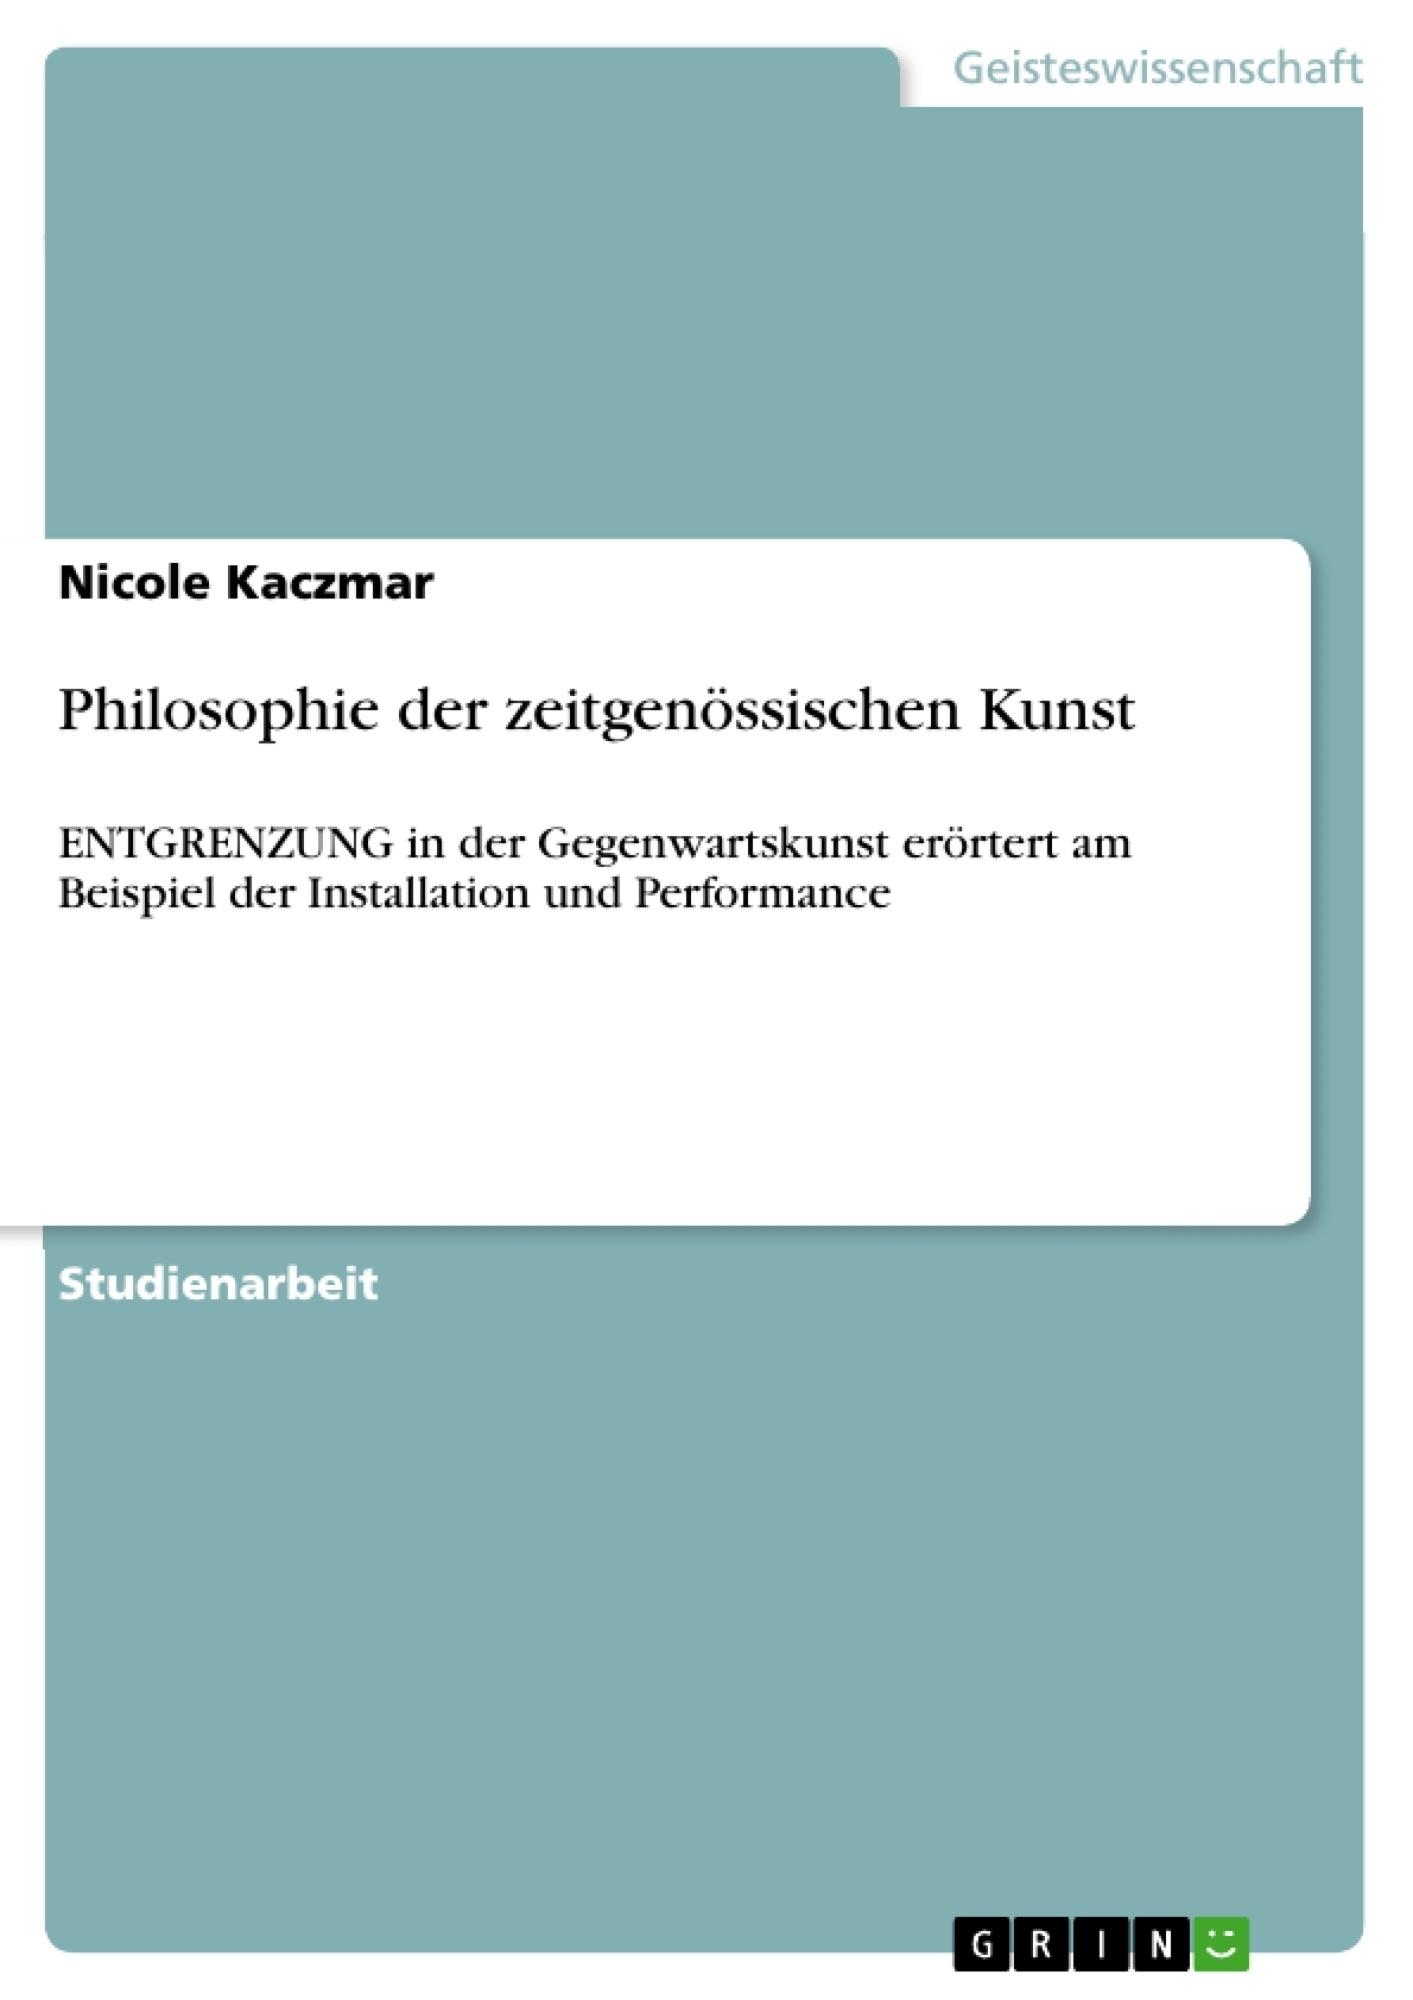 Titel: Philosophie der zeitgenössischen Kunst